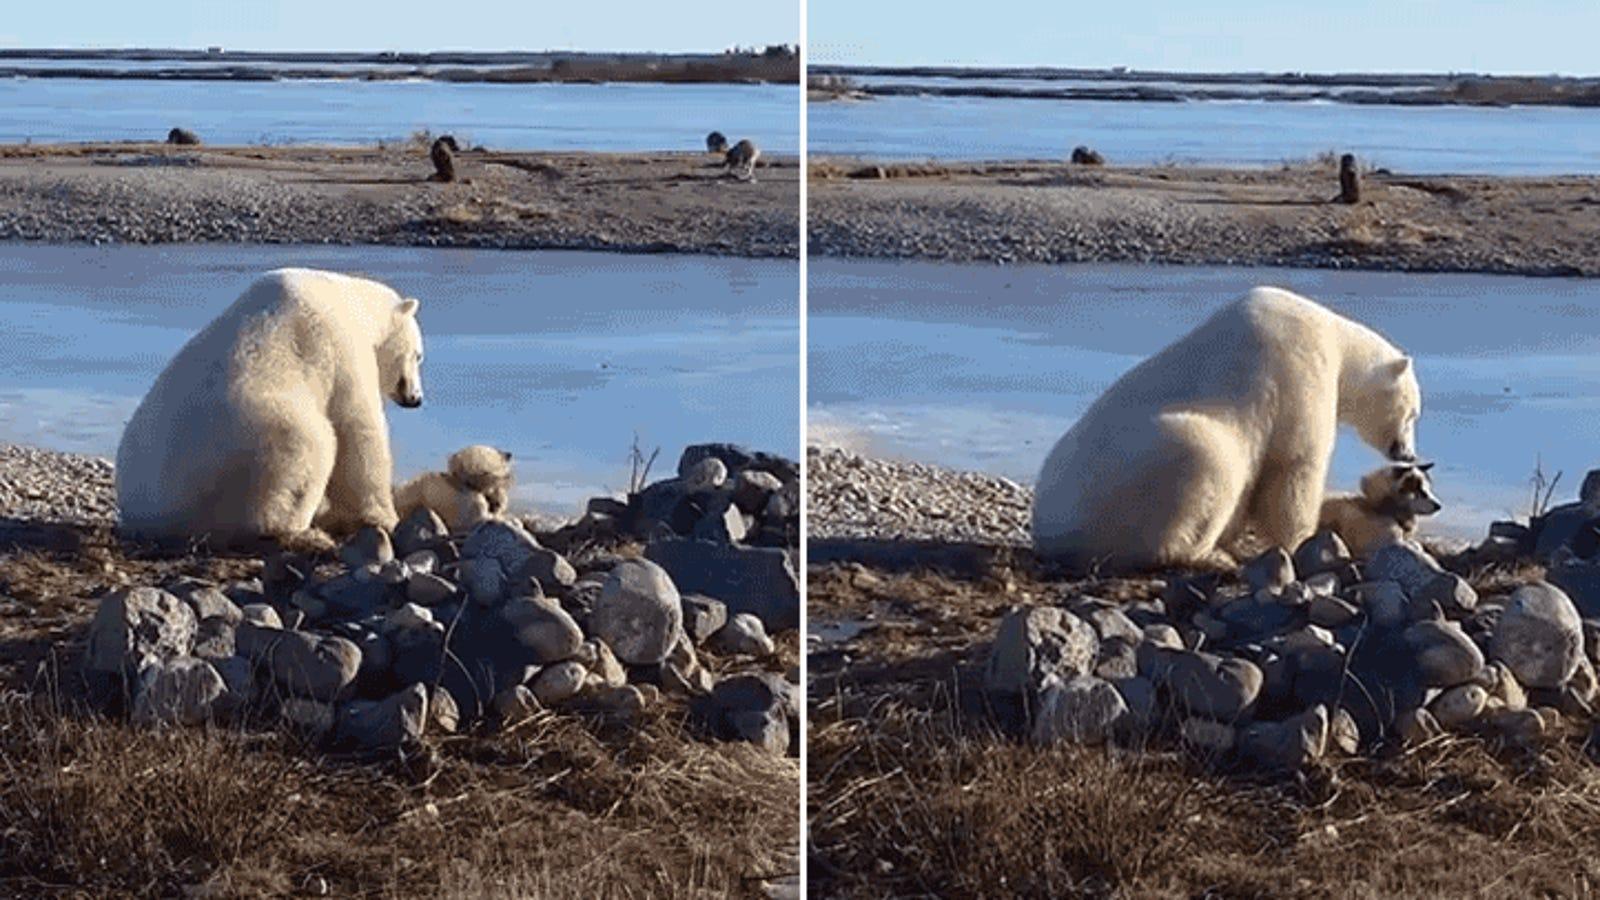 Este oso polar acariciando a un perro es el rayo de esperanza que hacía falta en 2016